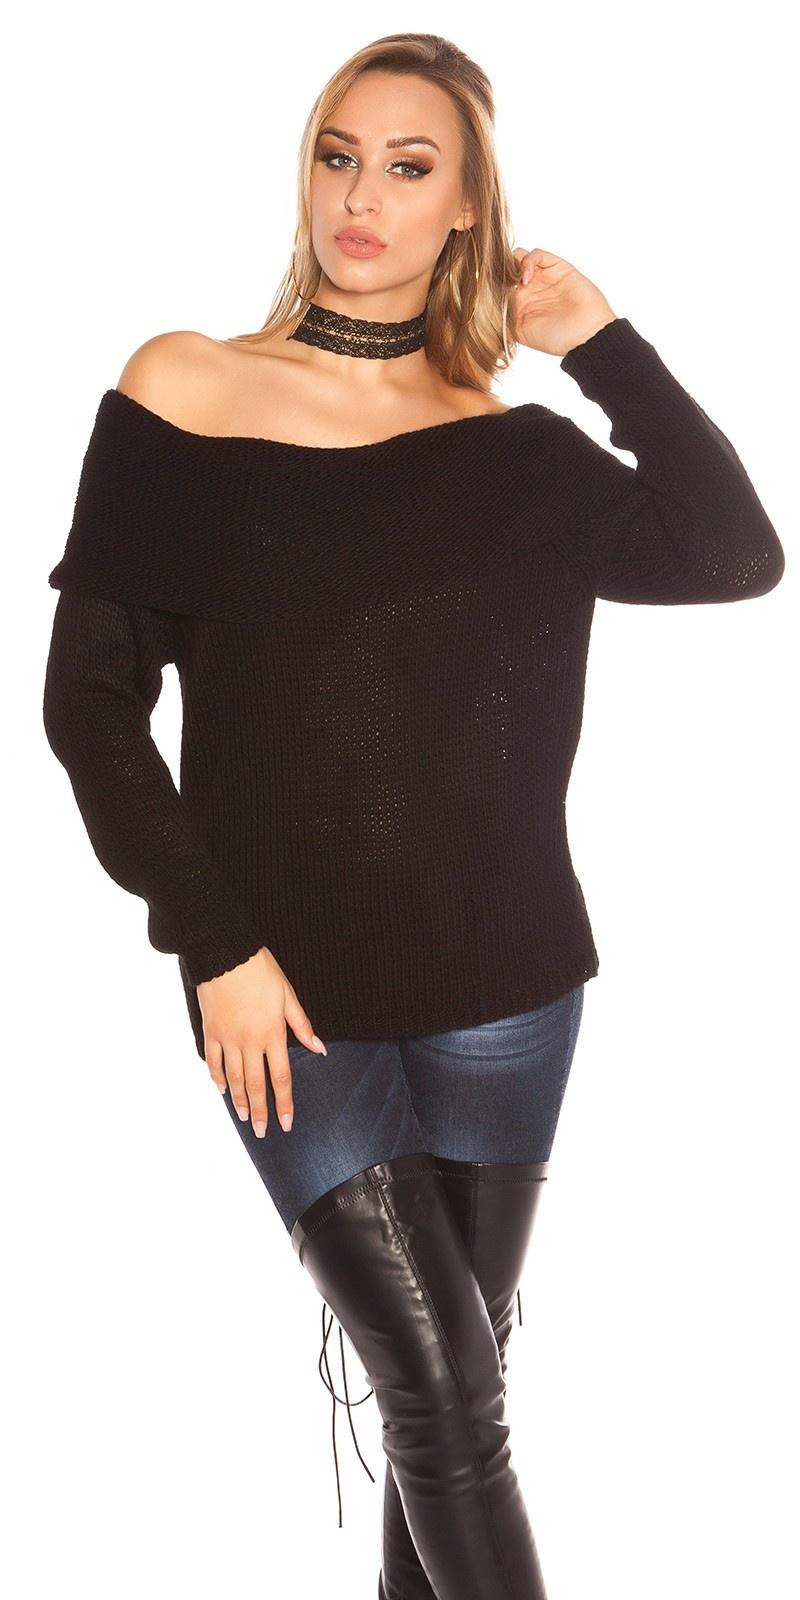 Sexy carmen halslijn gebreide sweater-trui zwart